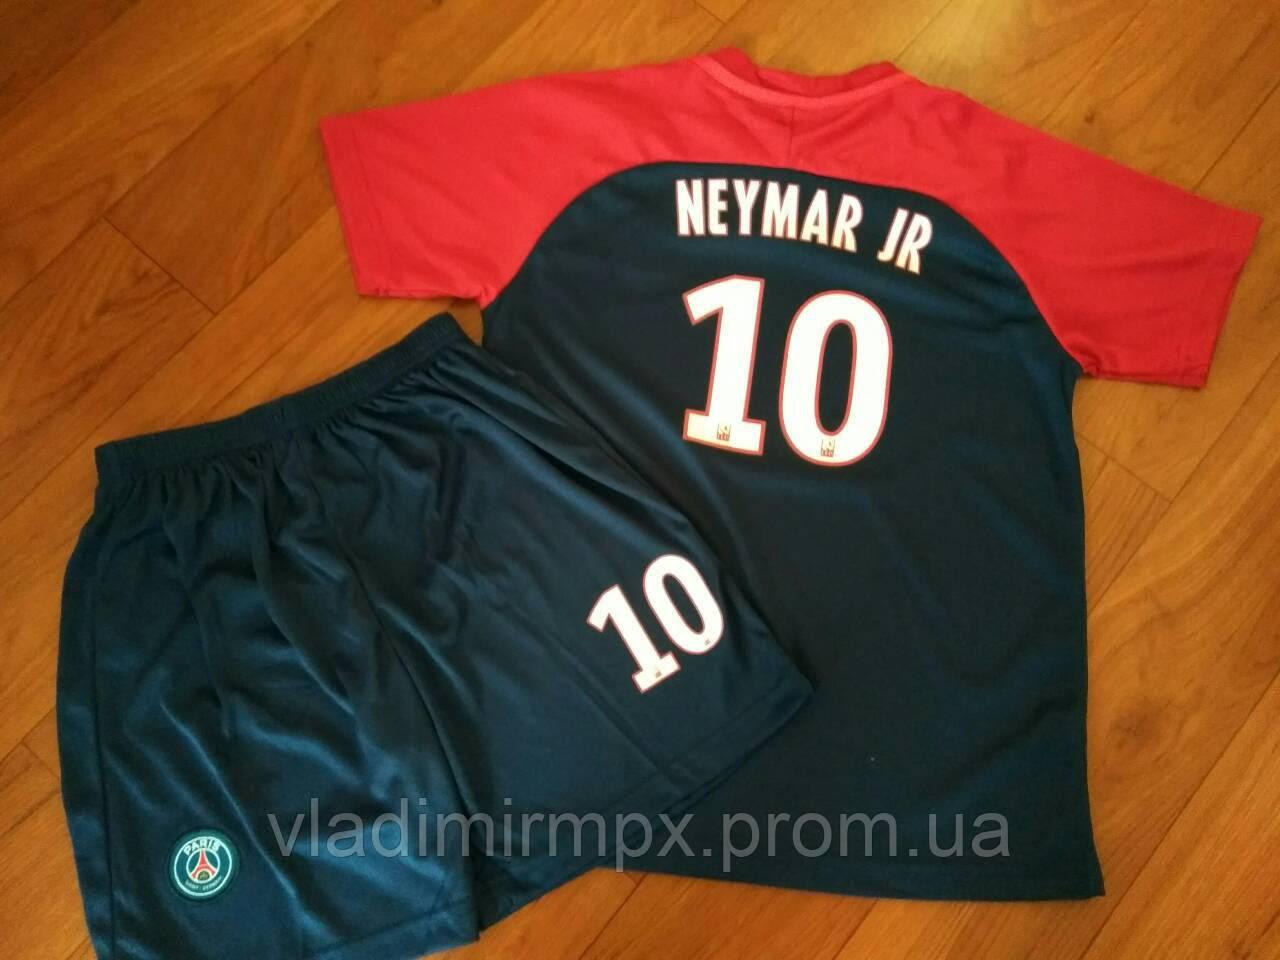 Футбольная форма для детей Неймар ПСЖ NEYMAR - интернет - магазин все для  футбола в Хмельницком 732be60fbcc